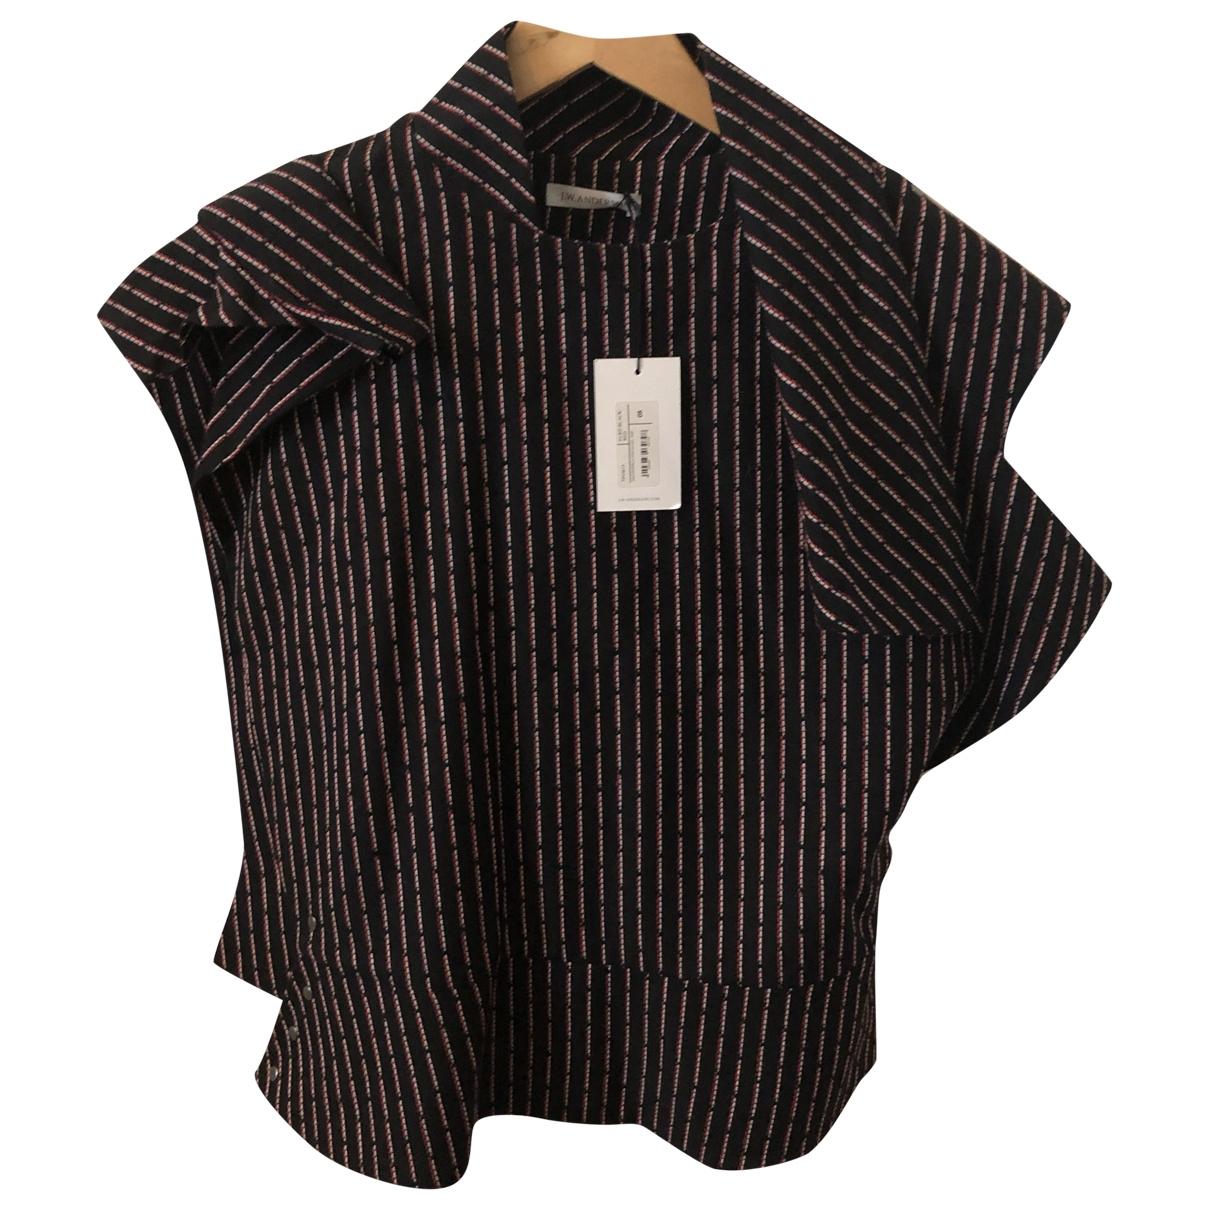 J.w. Anderson \N Black Wool  top for Women 36 FR